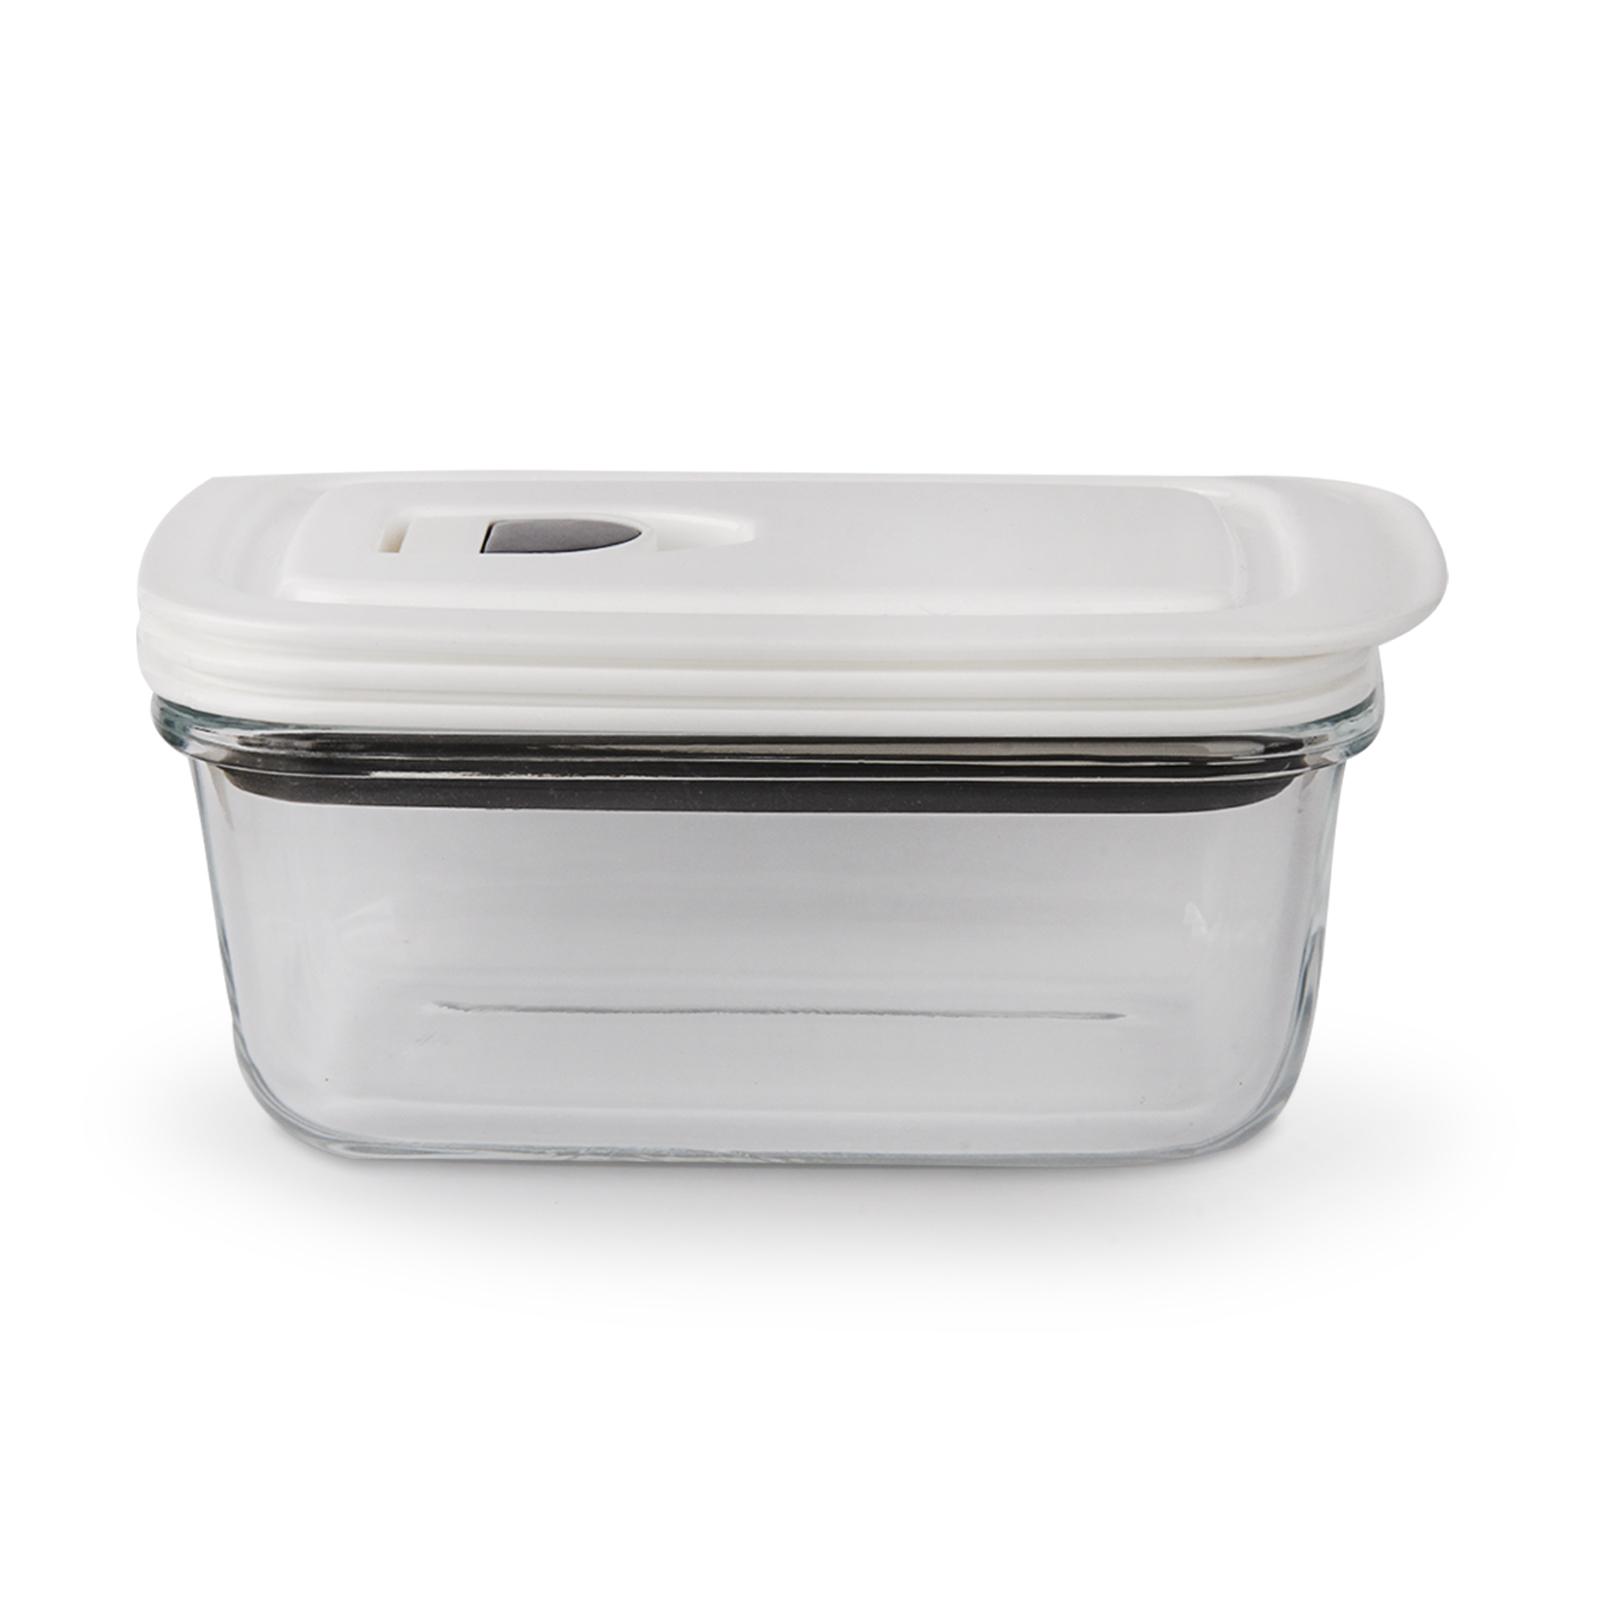 Cookplus White Saklama Kabı 0.83 Lt